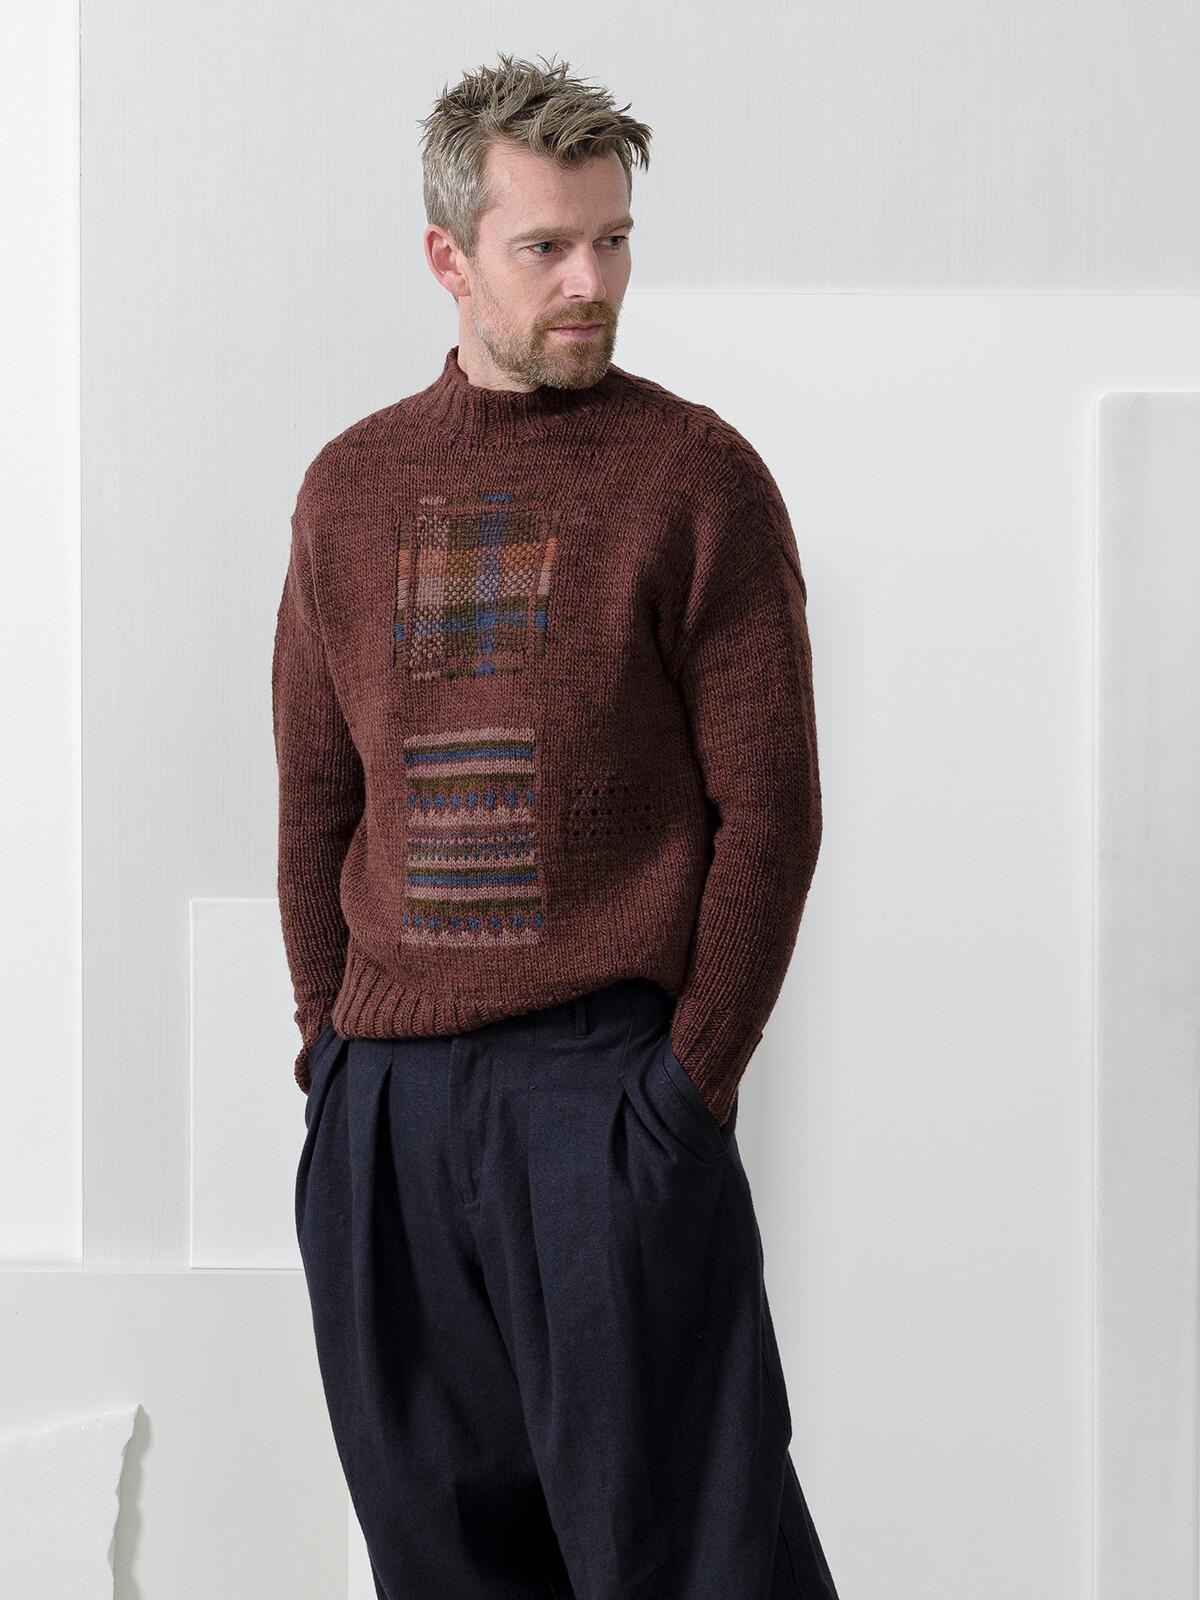 Mending sweater